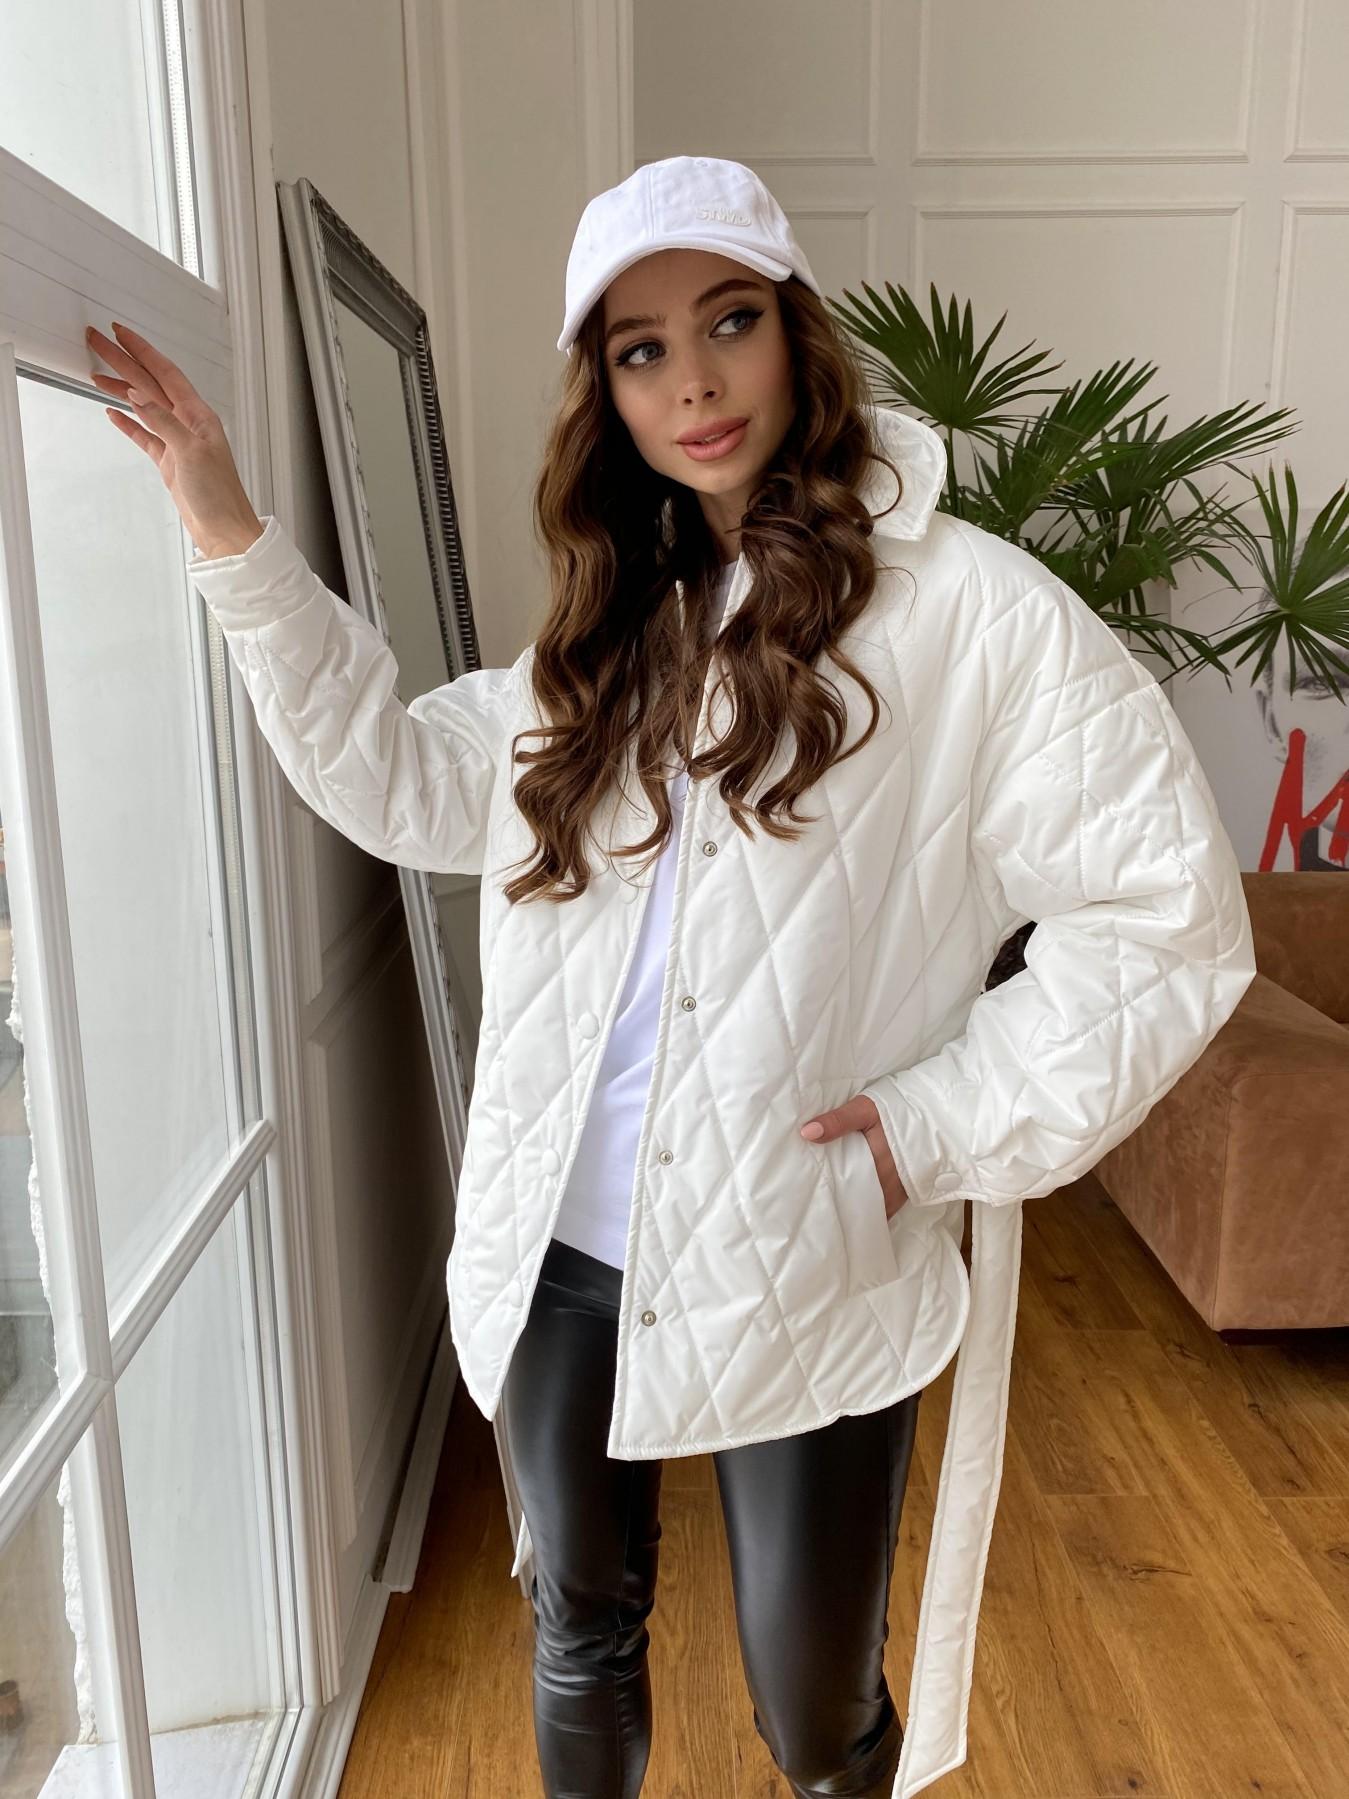 Моно куртка из плащевой ткани Ammy 10972 АРТ. 47667 Цвет: Молоко 12 - фото 1, интернет магазин tm-modus.ru